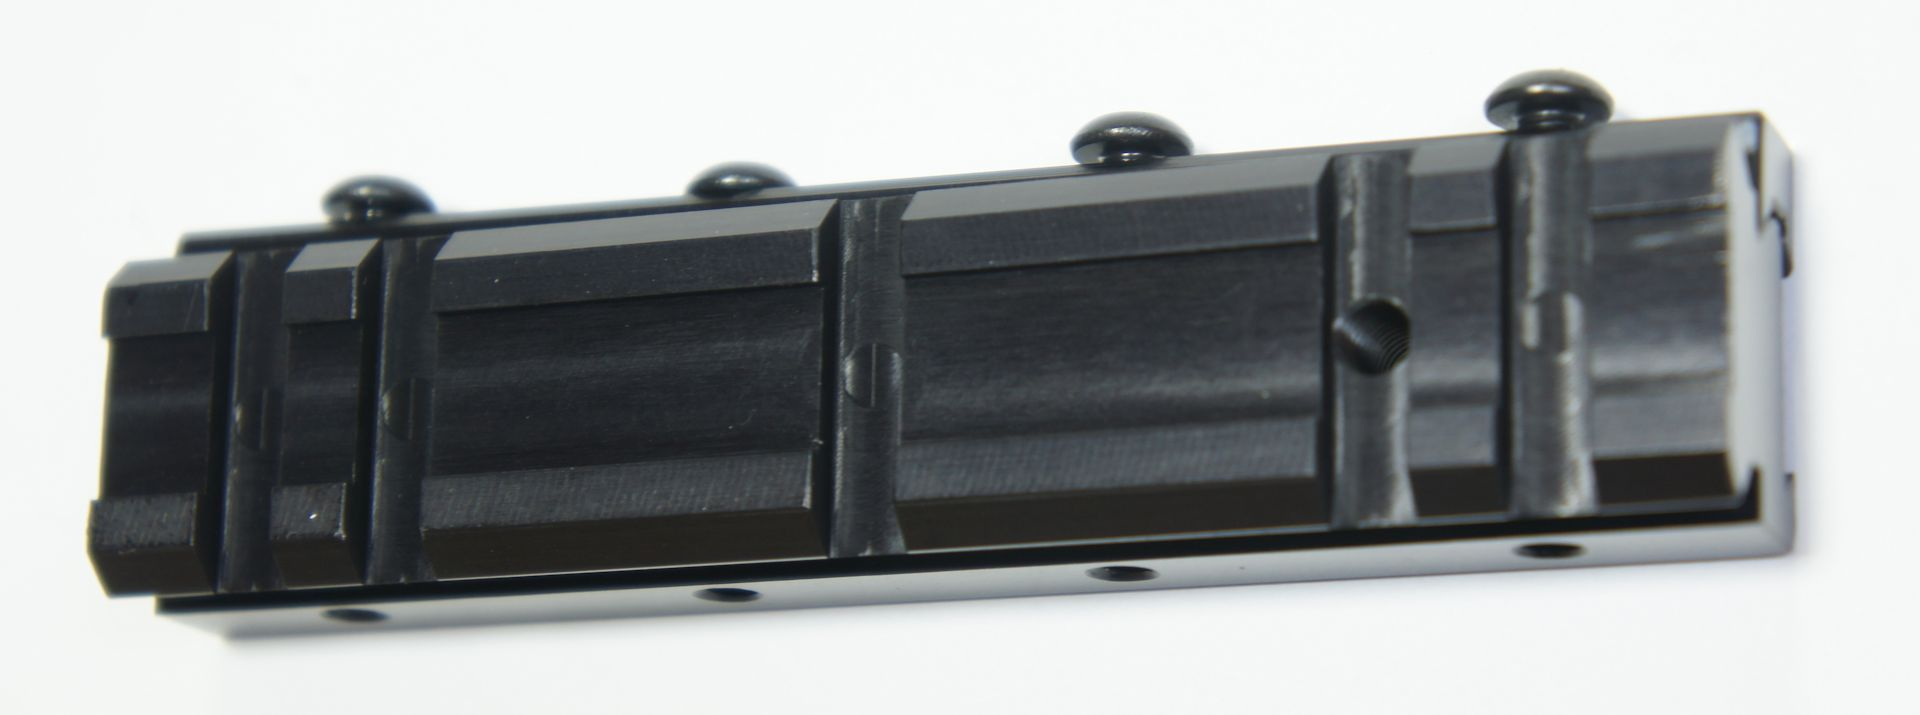 Adapter für ALTE HW 35 auf 21mm Weaver- Standard